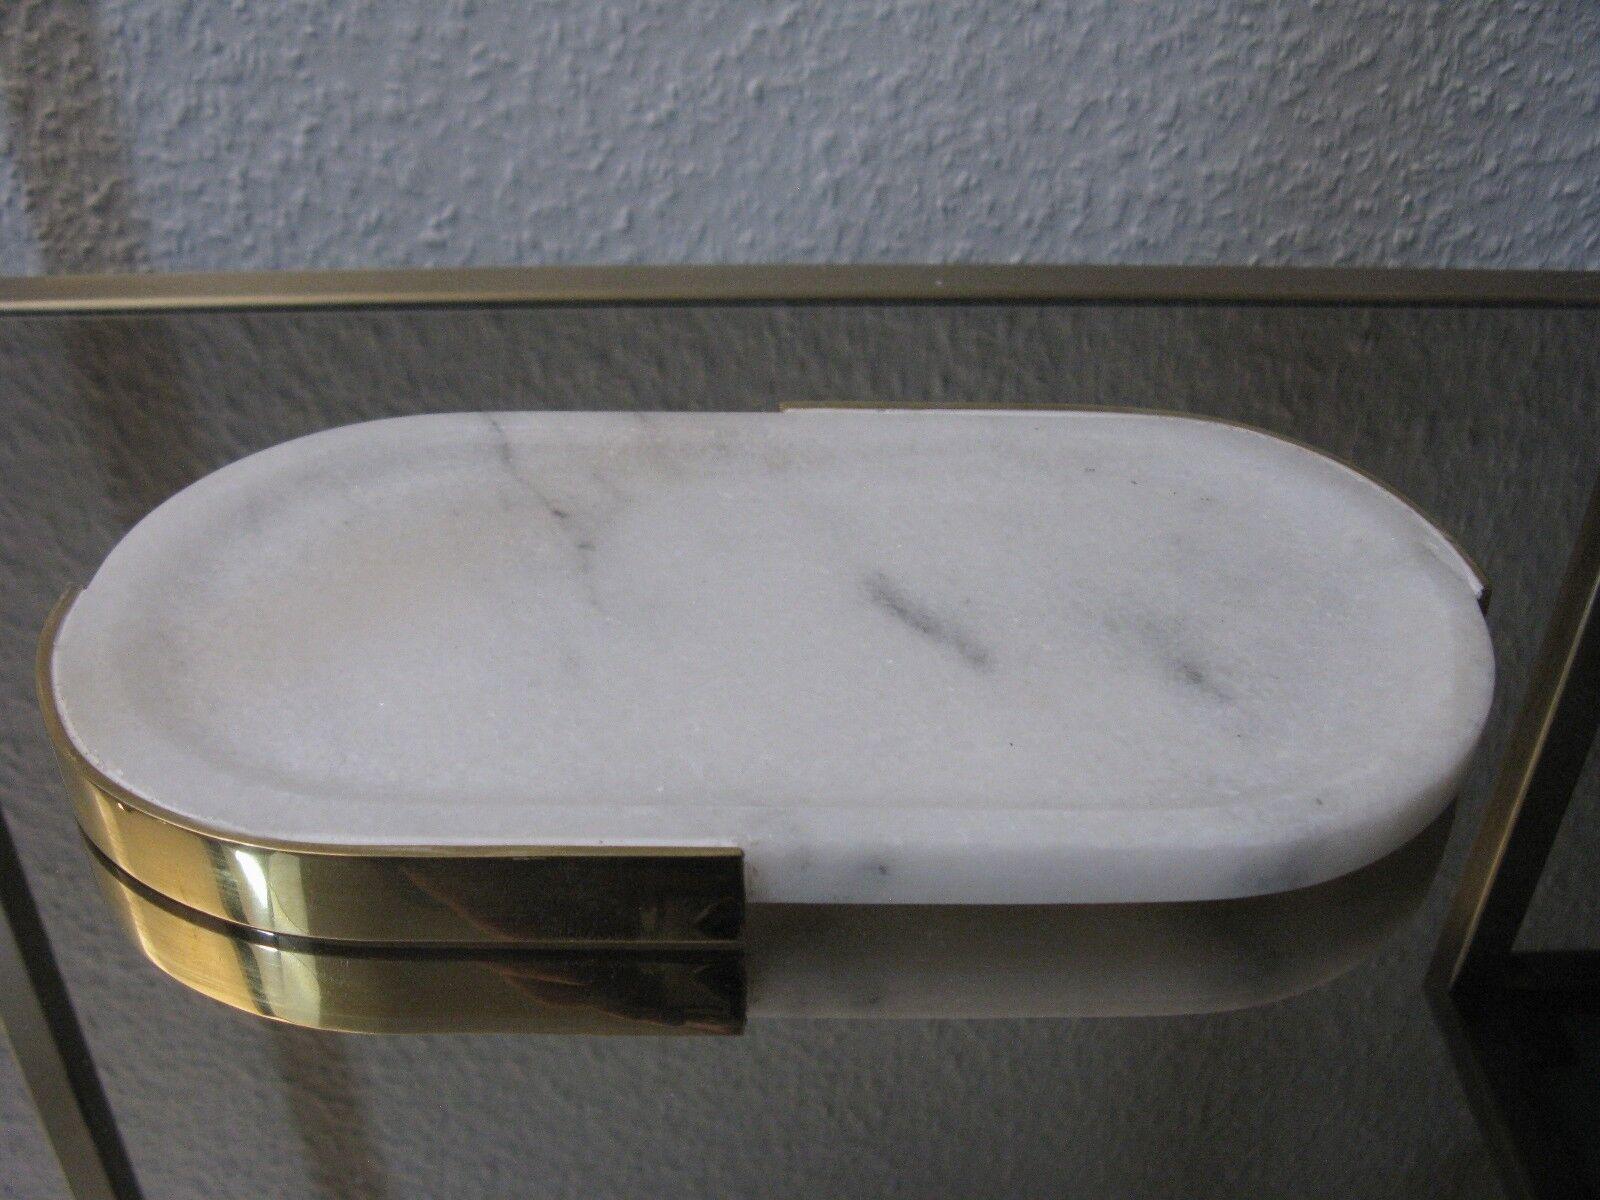 Plaque Assiette Plateau Marbre Blanc Ovale 28 cm manufakturware NEUF